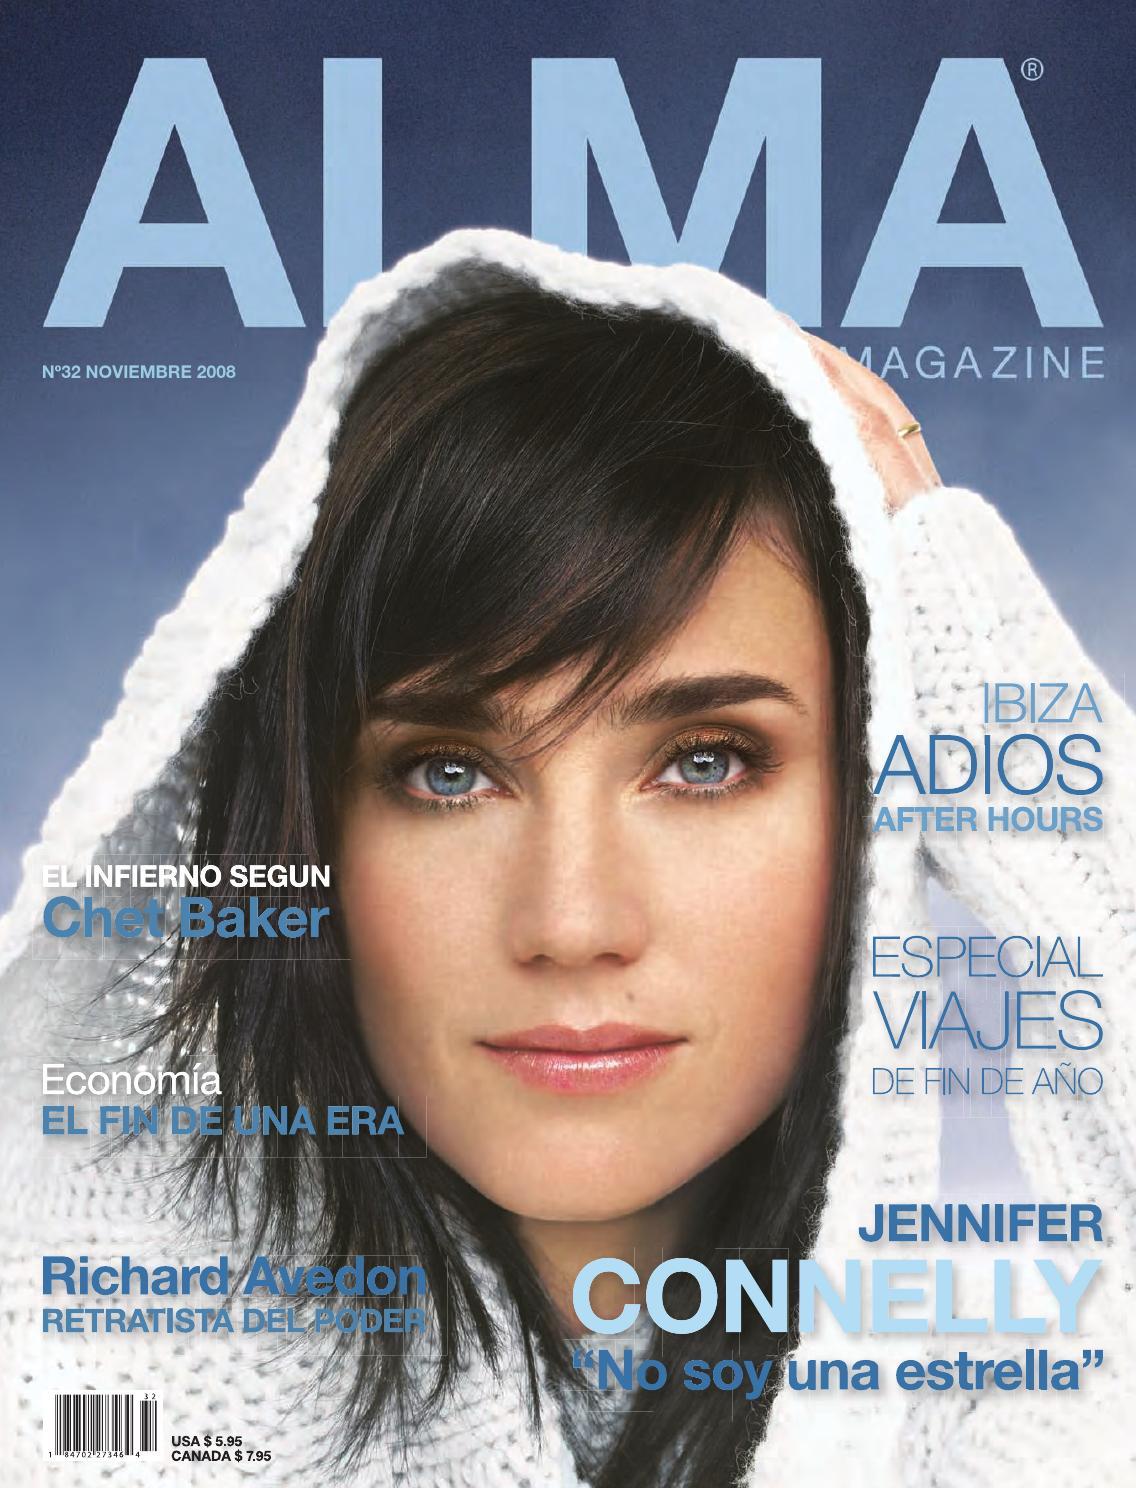 portada de la revista newsweek obesidad y diabetes